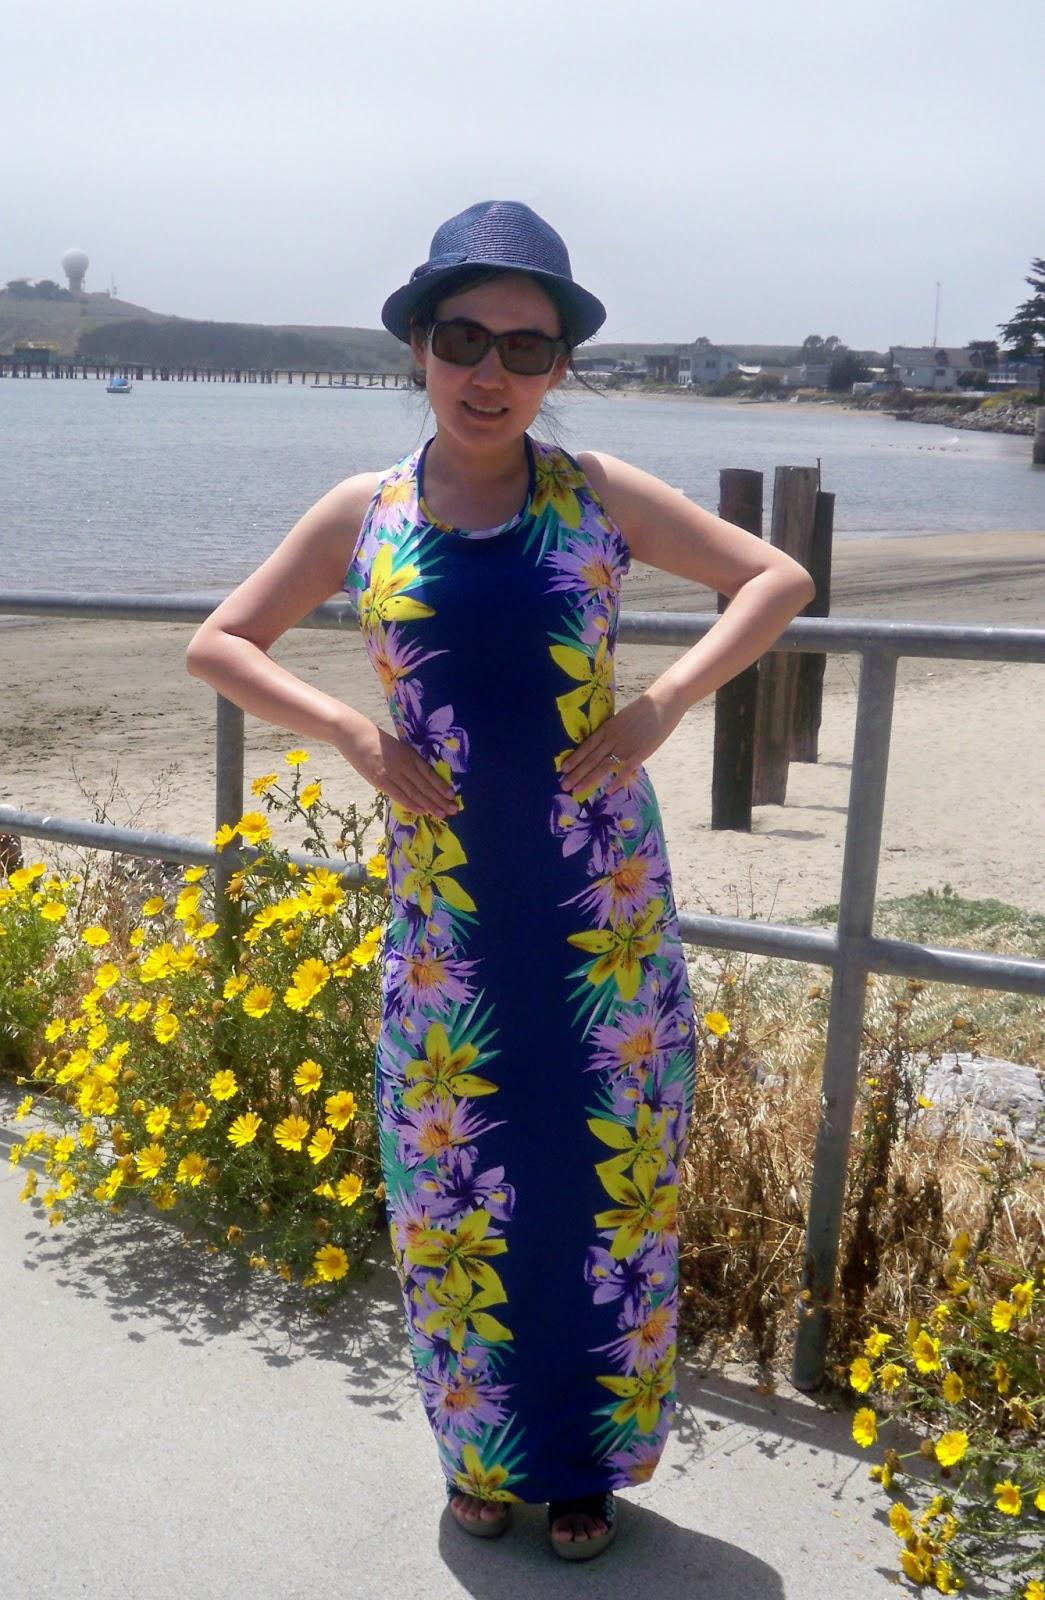 A Maxi Dress for Attending a Beach Wedding